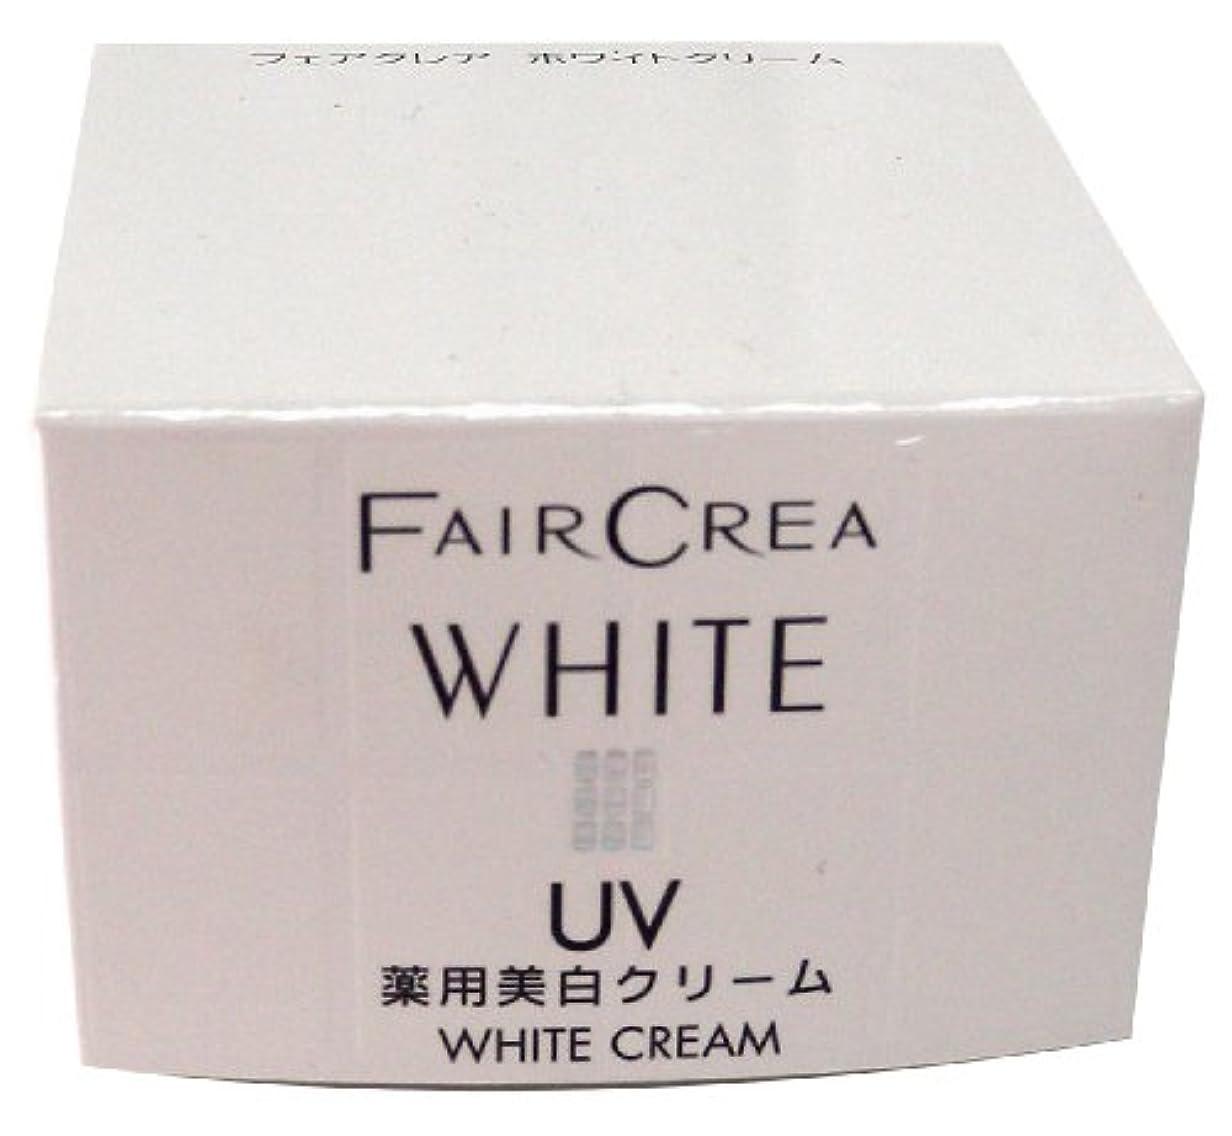 国際コンバーチブル実際のフェアクレア ホワイトクリーム 30g <27130>